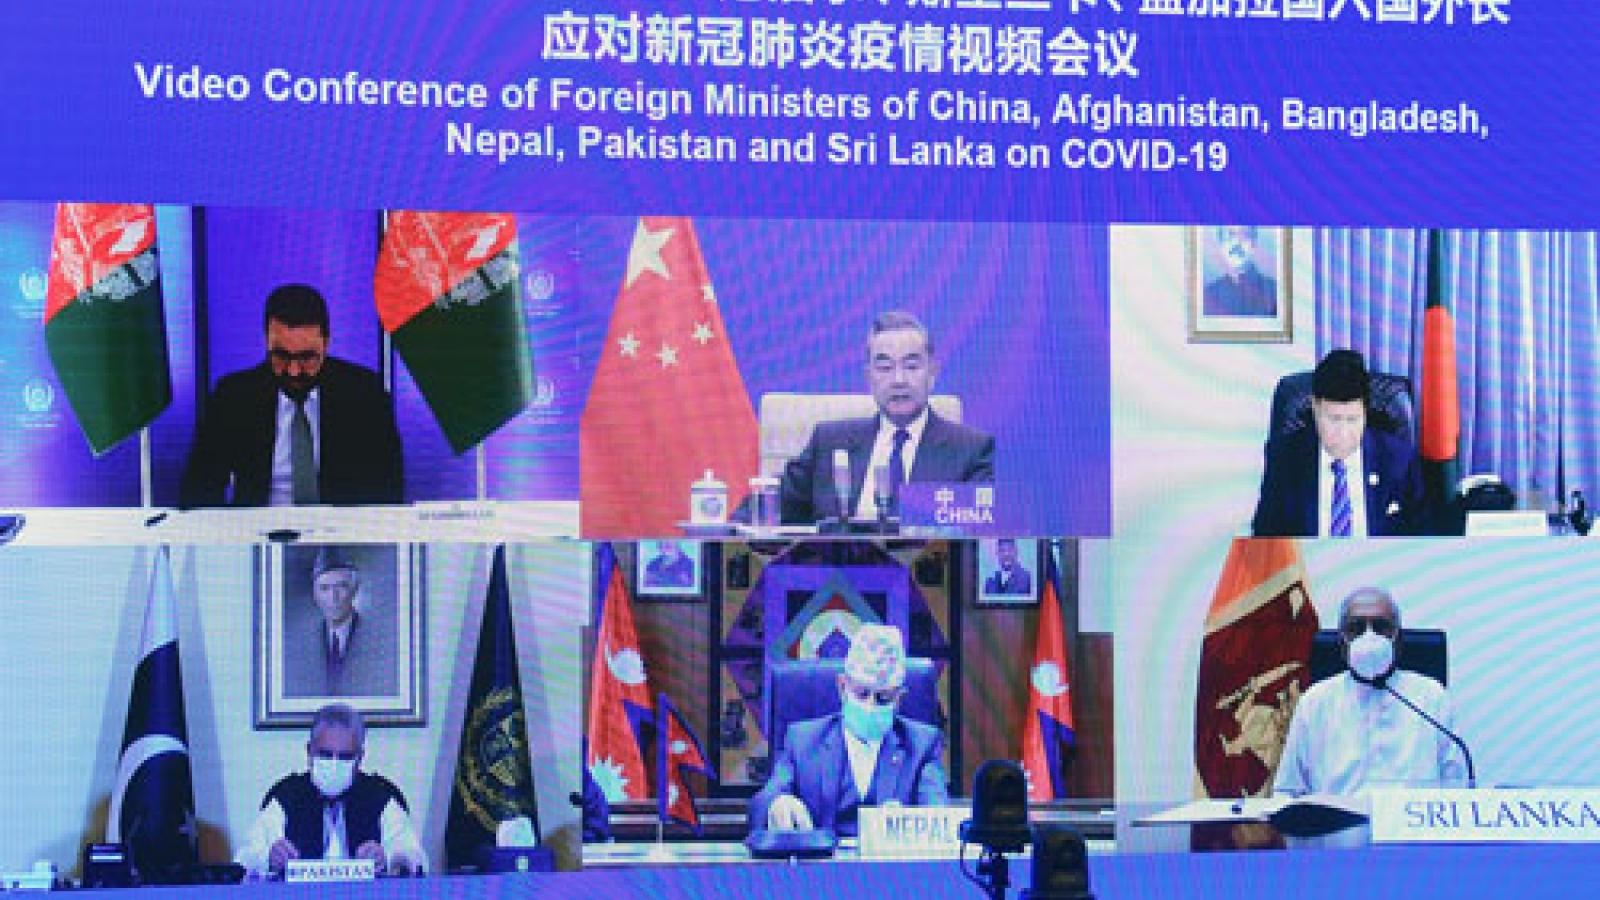 Trung Quốc họp bàn hợp tác chống dịch với các nước Nam Á, Ấn Độ không tham dự